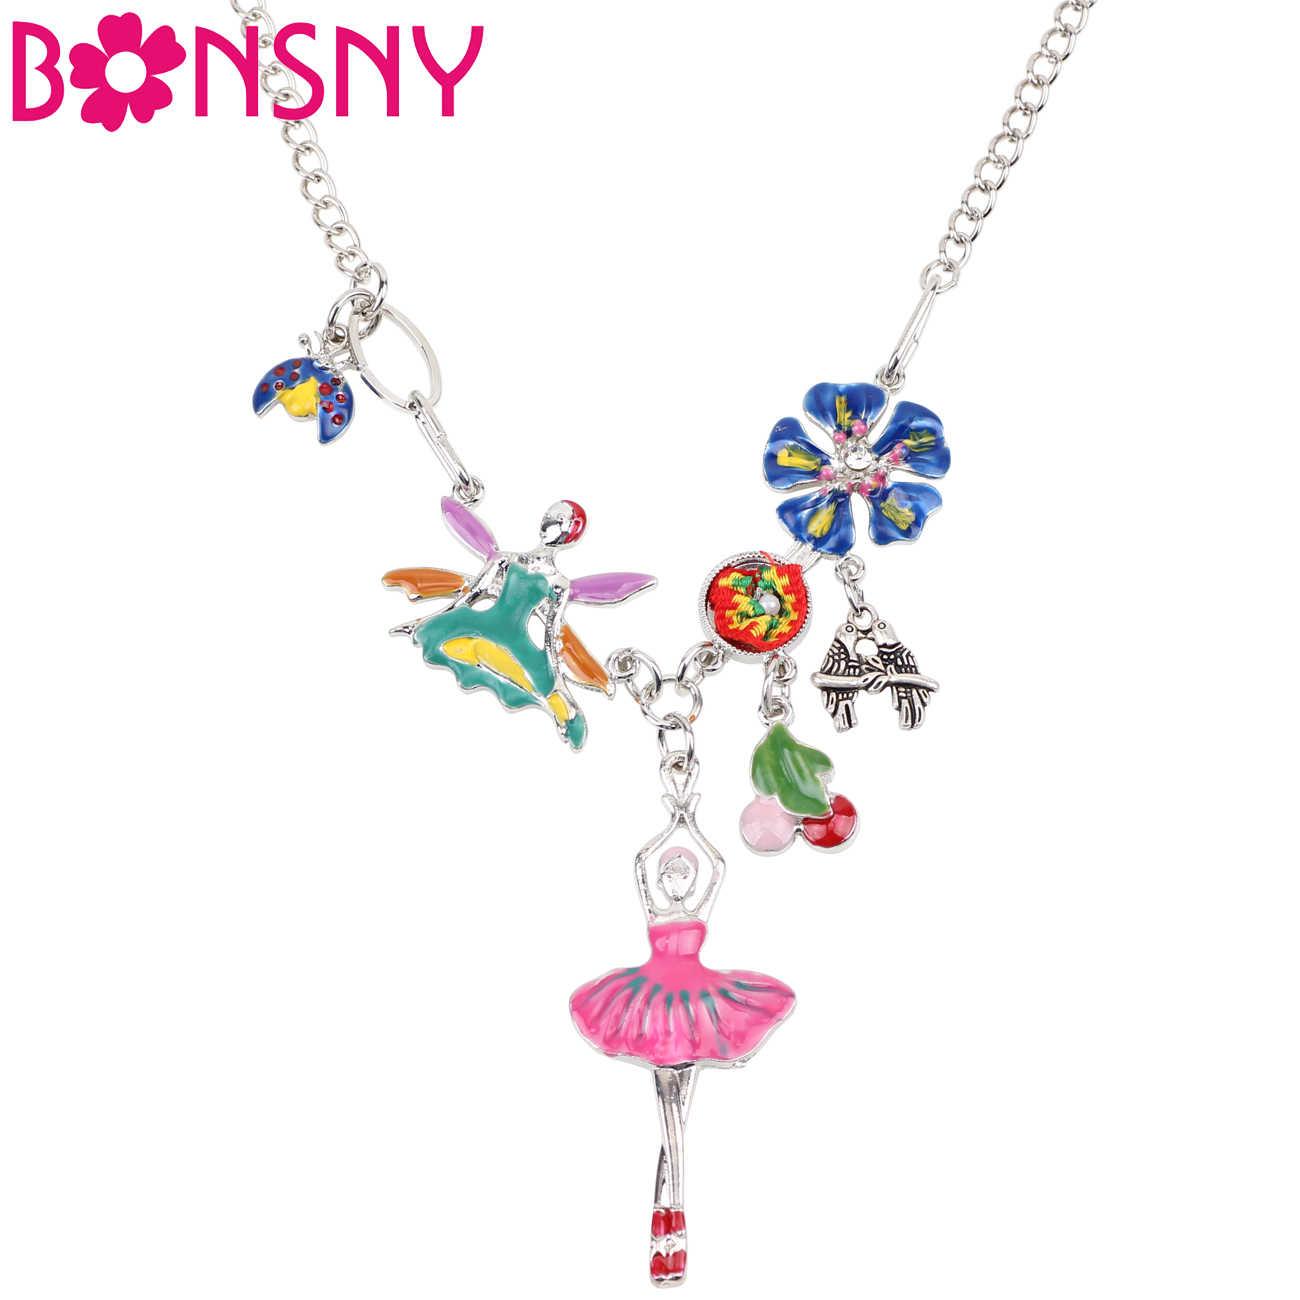 Bonsny声明バレエダンサーガールエンジェルネックレスペンダントエナメル昆虫チェリーフラワーチェーン妖精ファッションジュエリー用女性